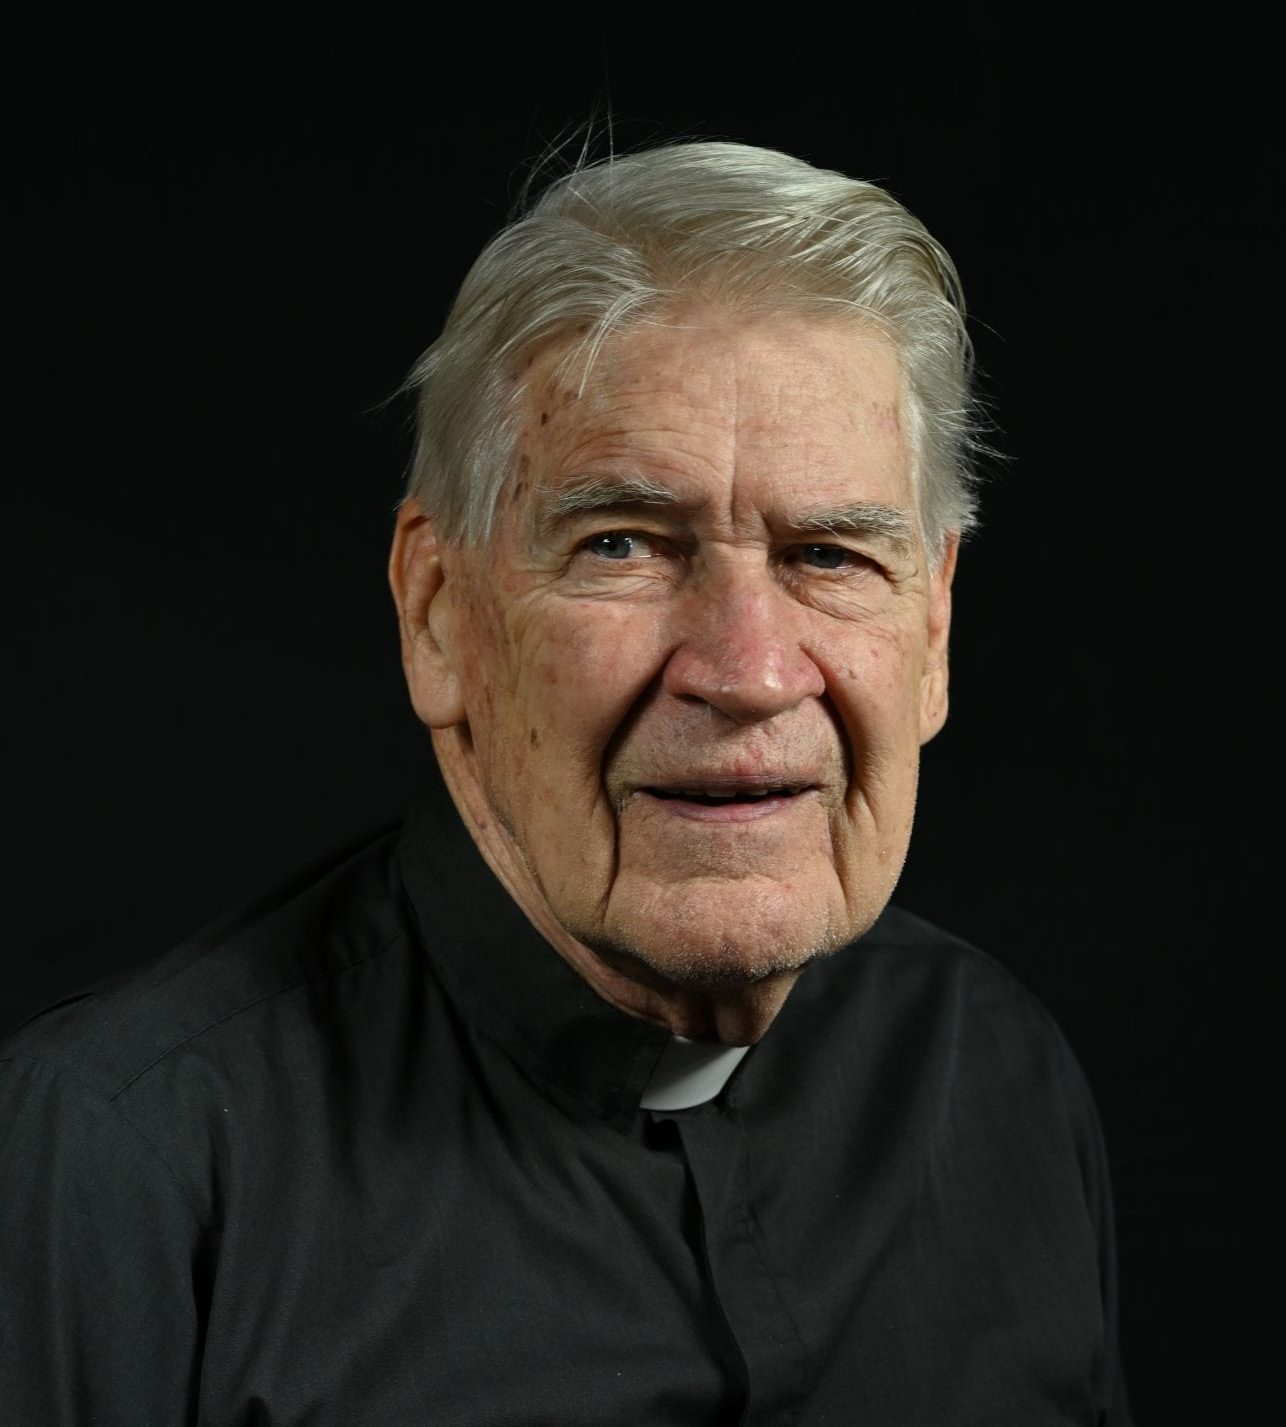 Fr. Bill Snyders, SJ